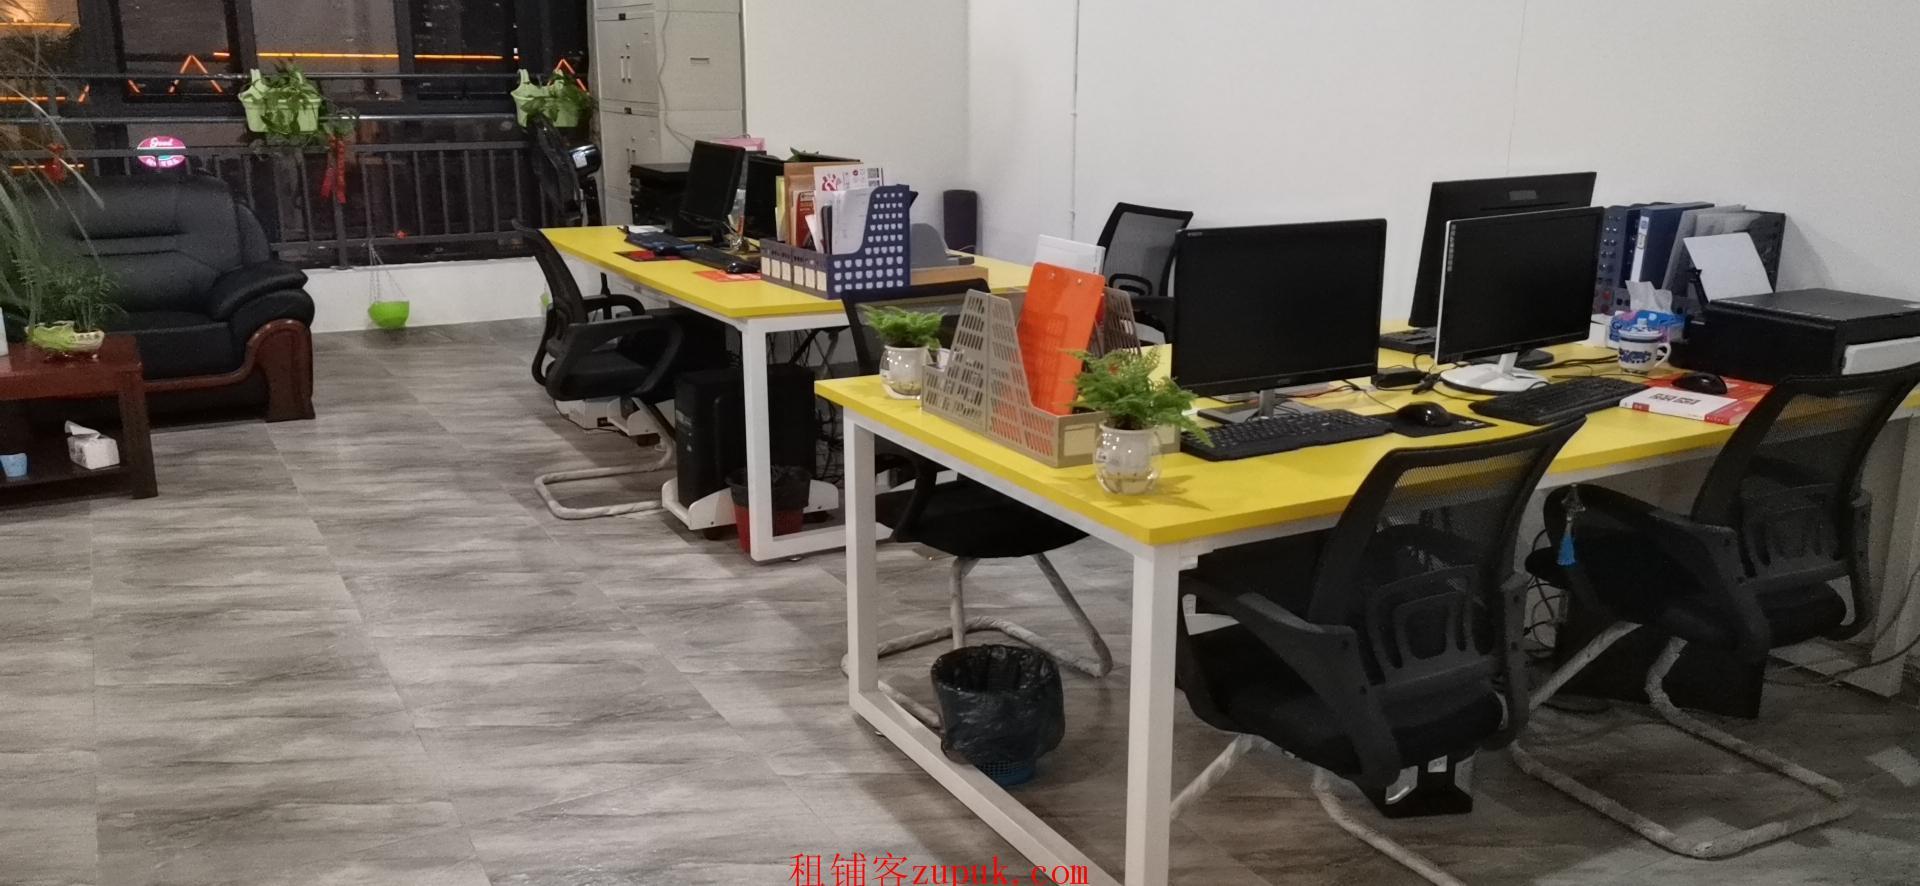 青山湖南京东路医药谷拎包办公